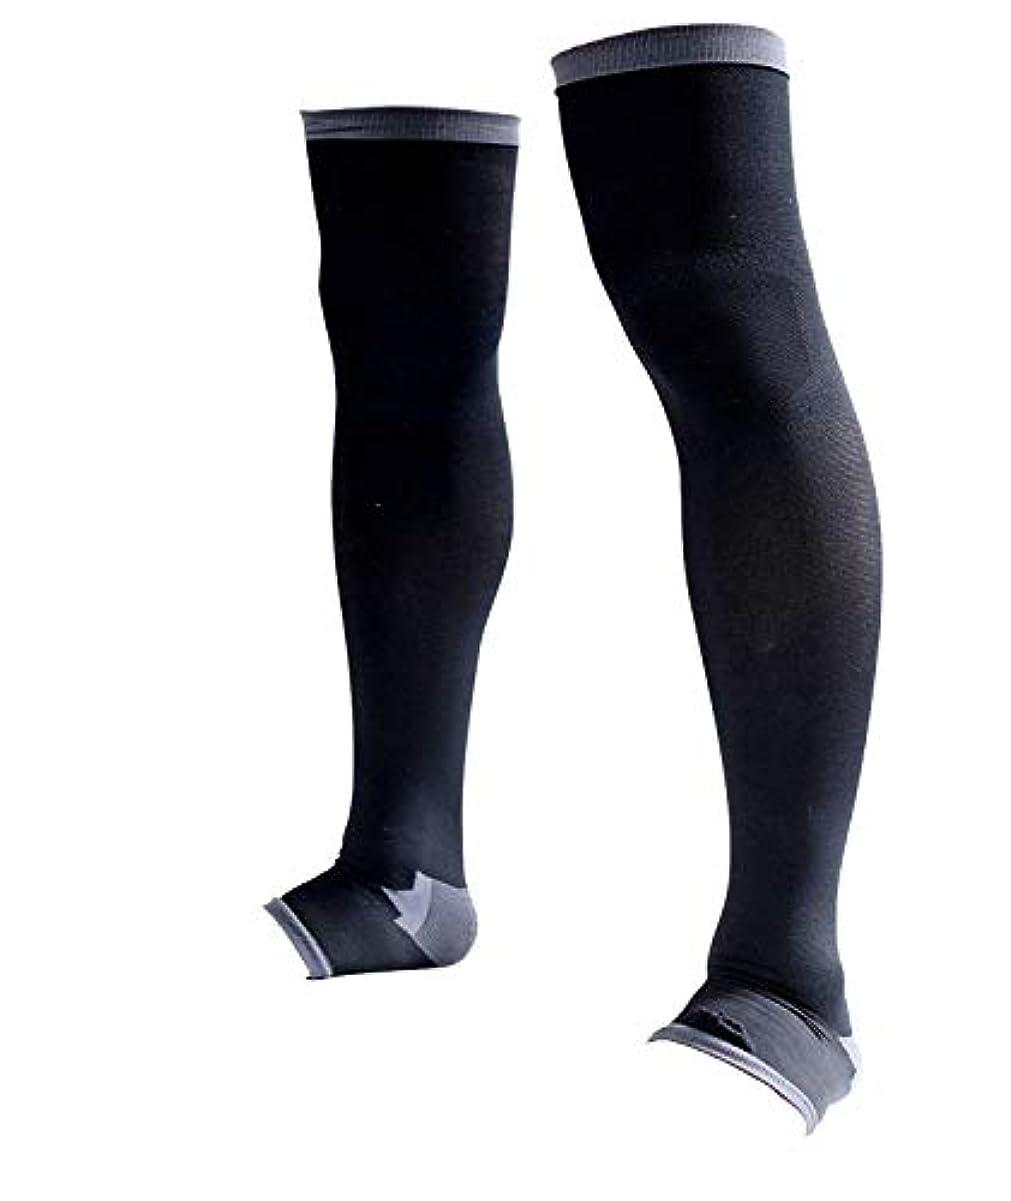 トライアスリート先祖銀河男性専用脚すっきり対策オープントゥ着圧ソックス 膝上 L-LL 順天堂大学客員教授推奨